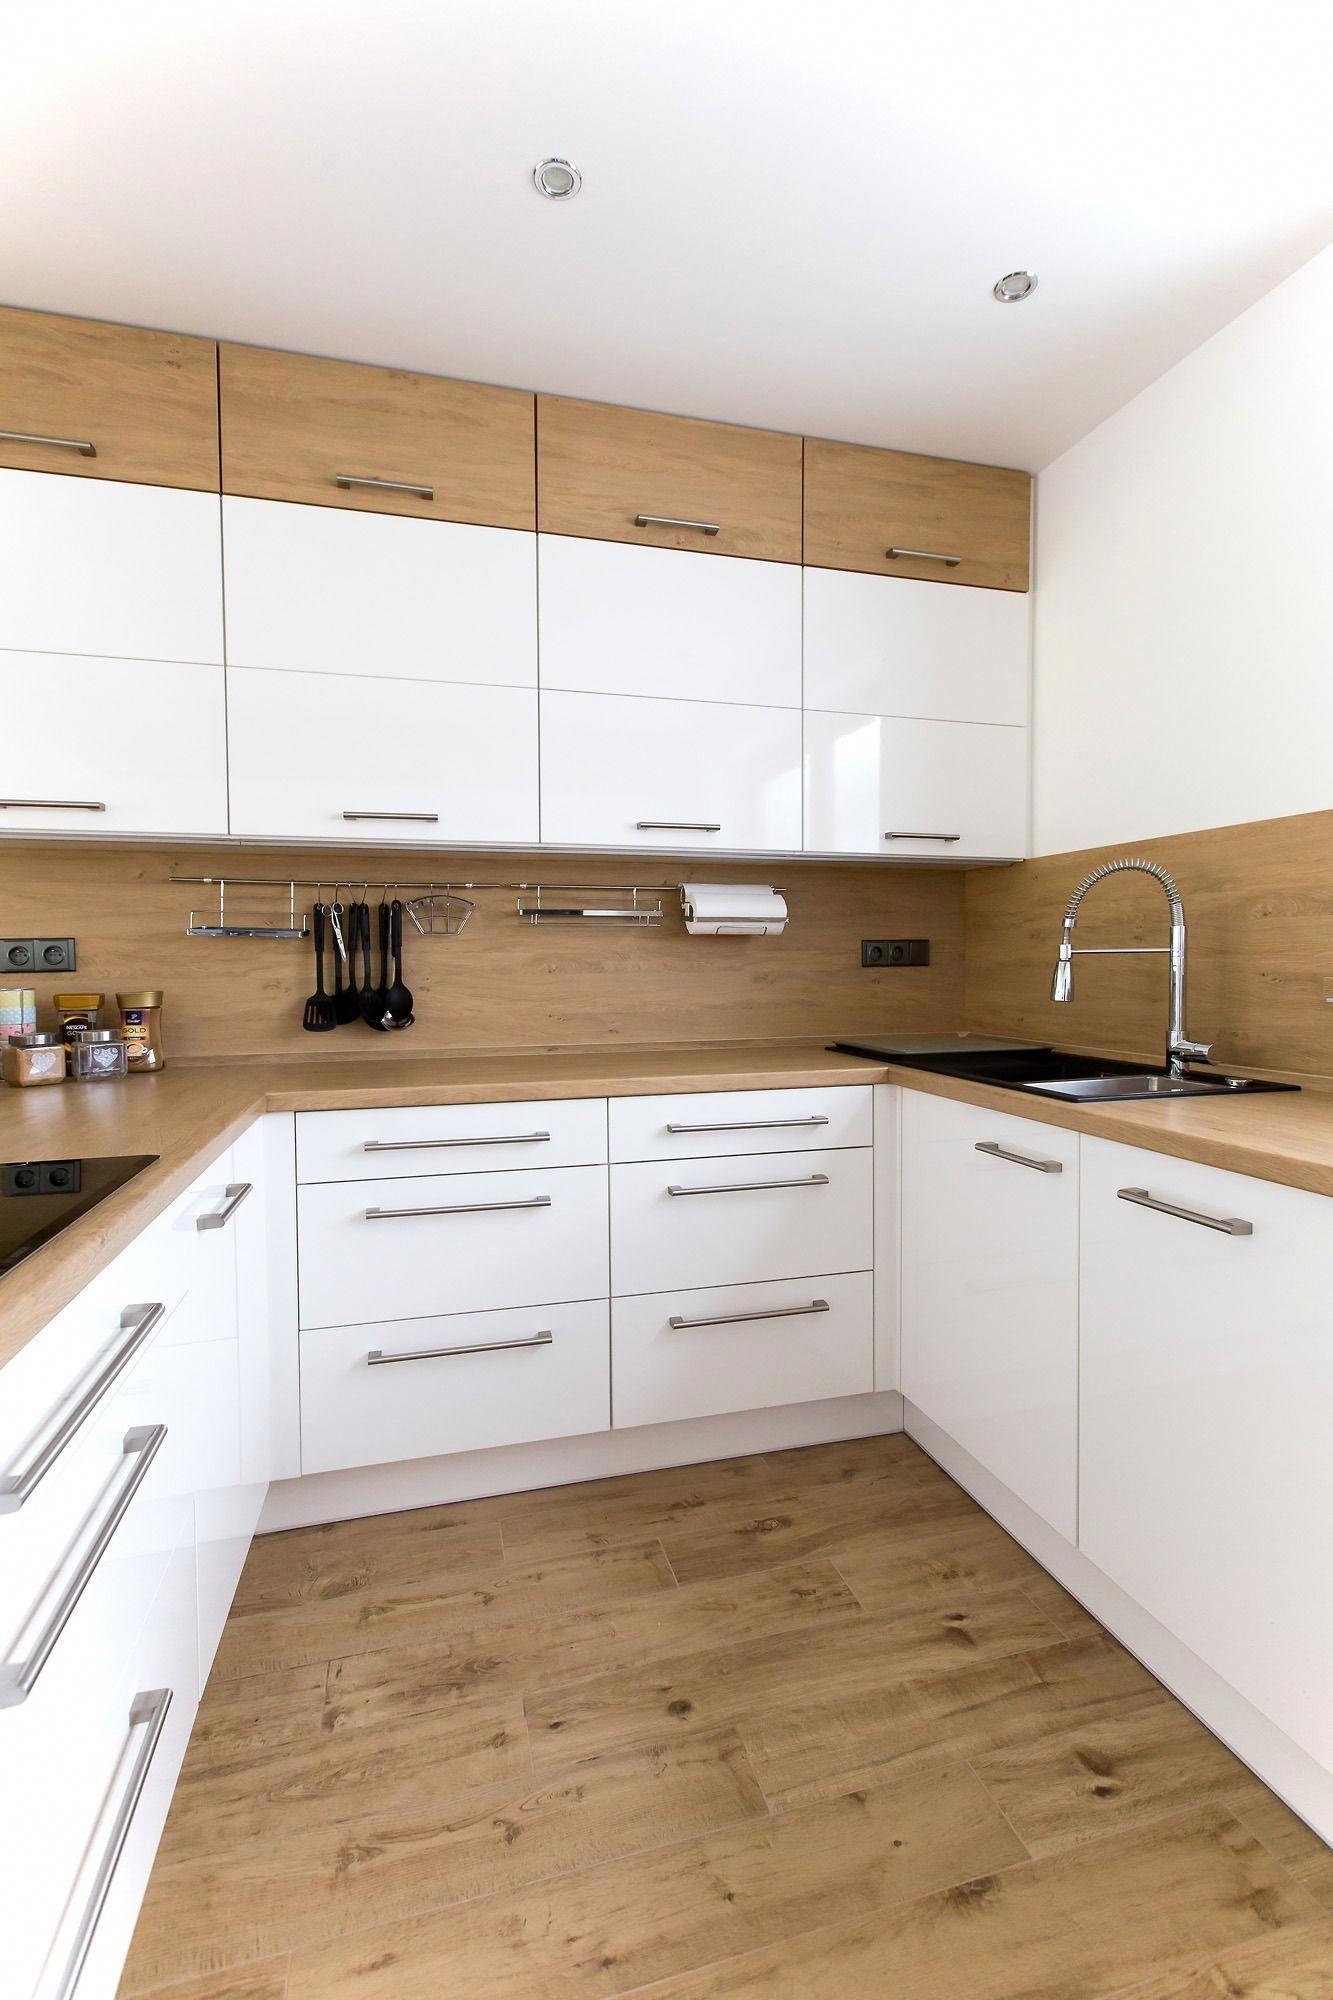 How To Maintain Aromatic Plants In The Kitchen Wohnung Kuche Innenarchitektur Kuche Kuche Einrichten